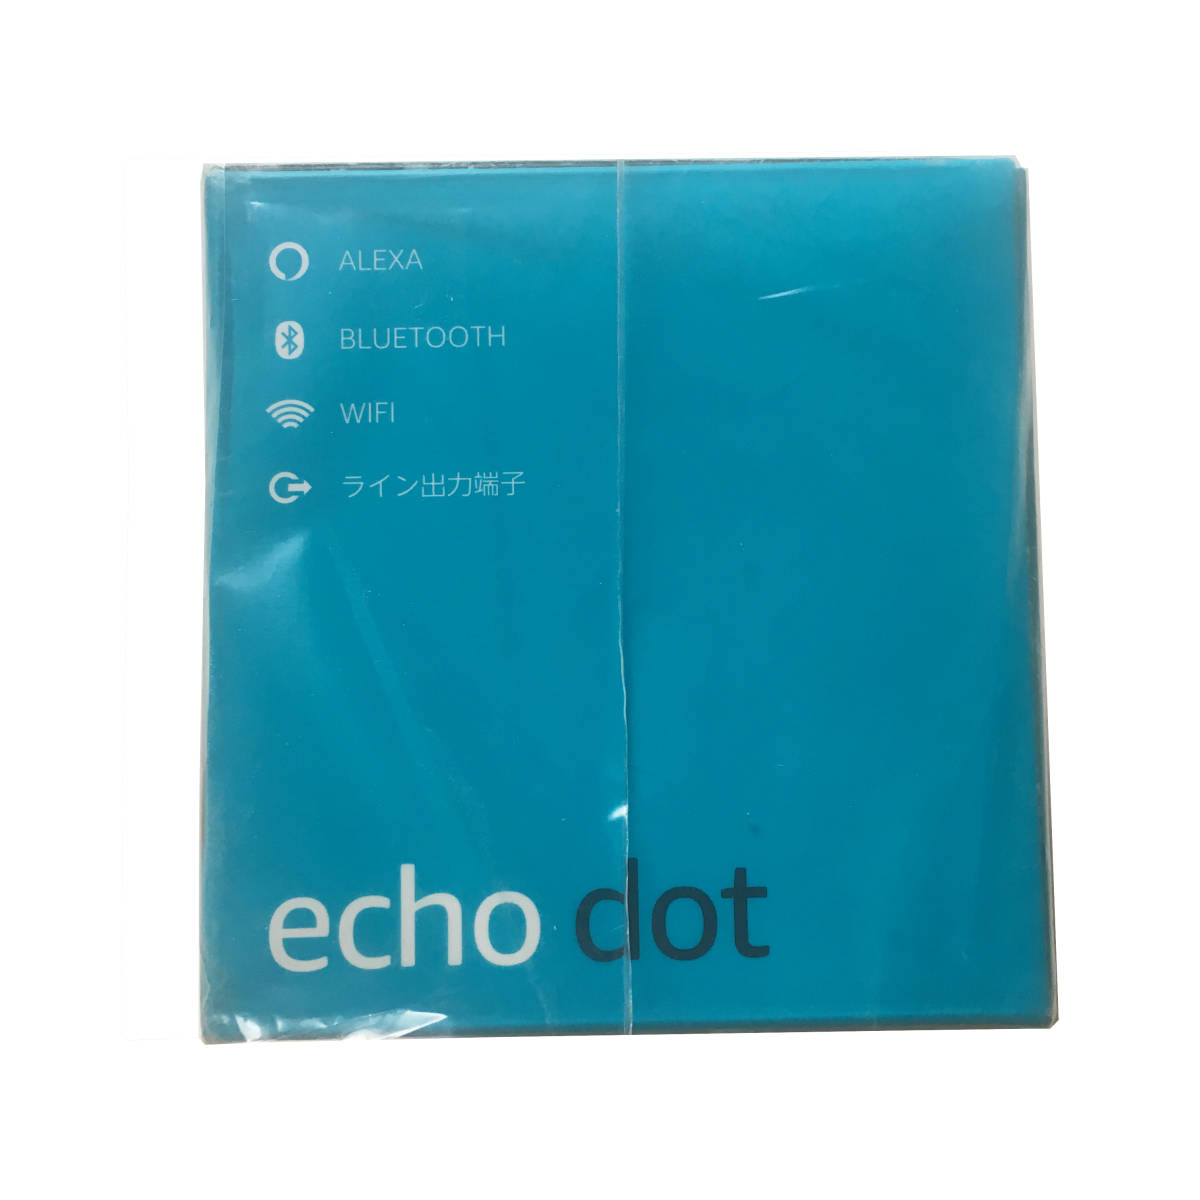 【新品・未開封】 Amazon 第3世代 Echo Dot Alexa対応 スマートスピーカー ヘザーグレー_画像2